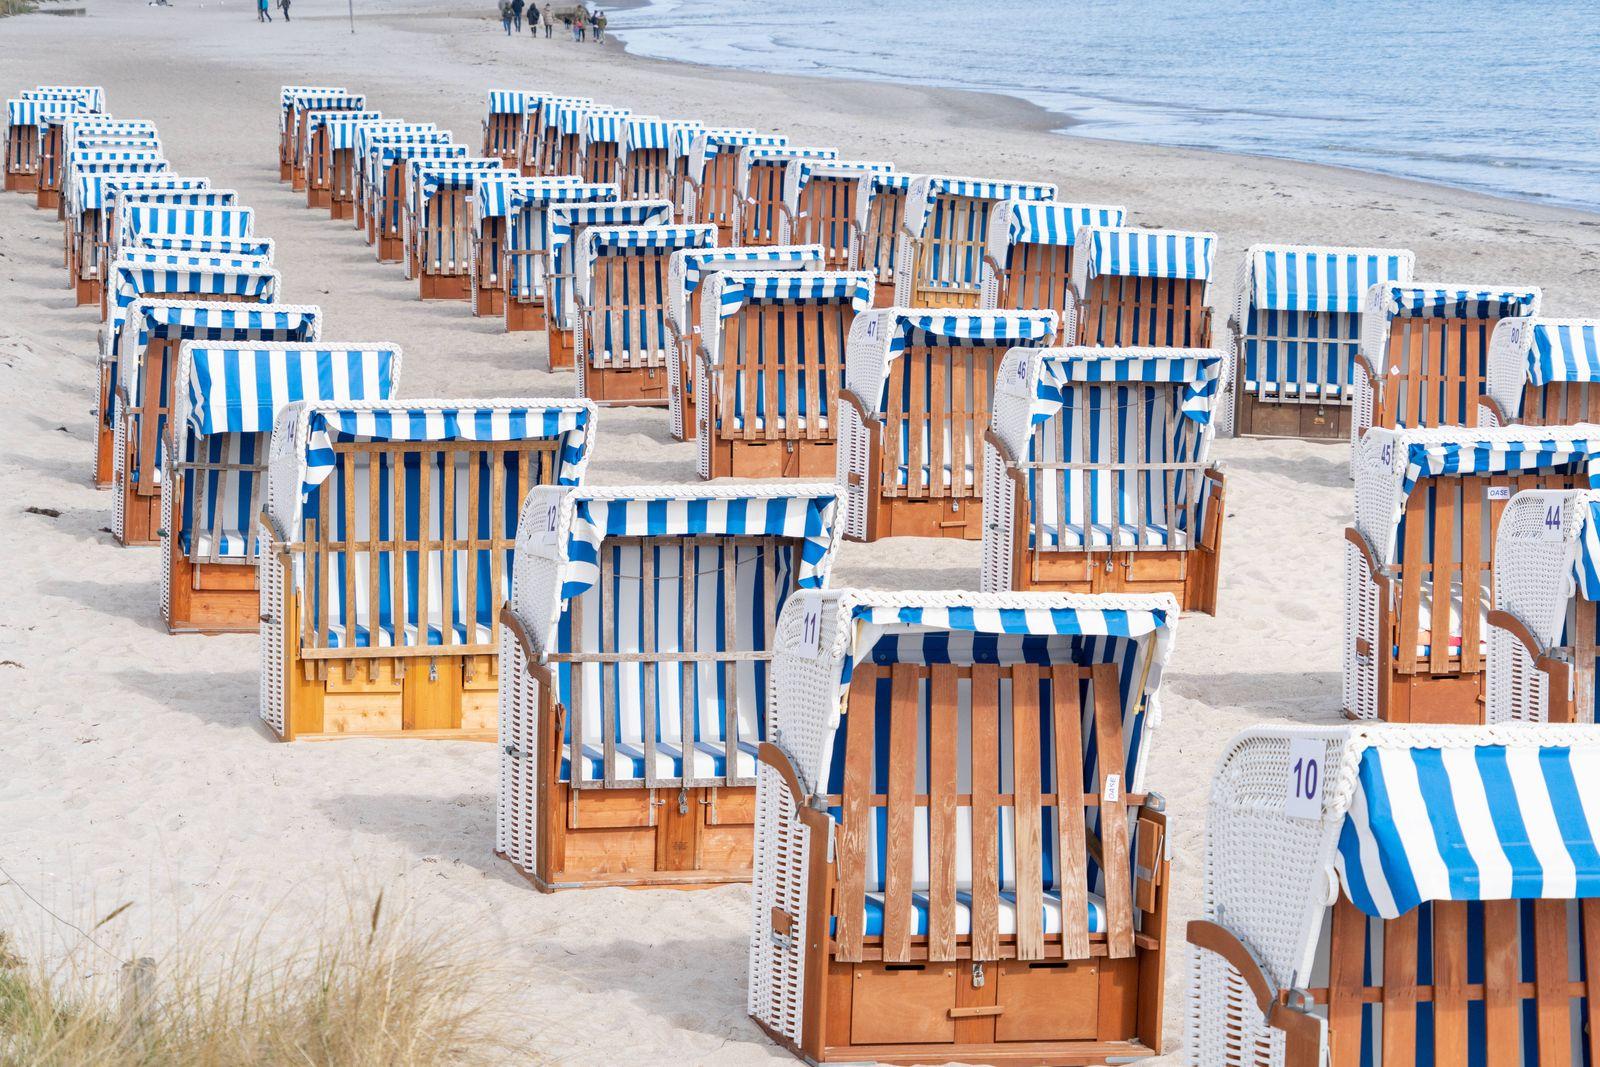 Weitgehend leerer Strand in Scharbeutz an der Ostsee Teil der Modellregion Lübecker Bucht, die sich aus der Stadt Neusta